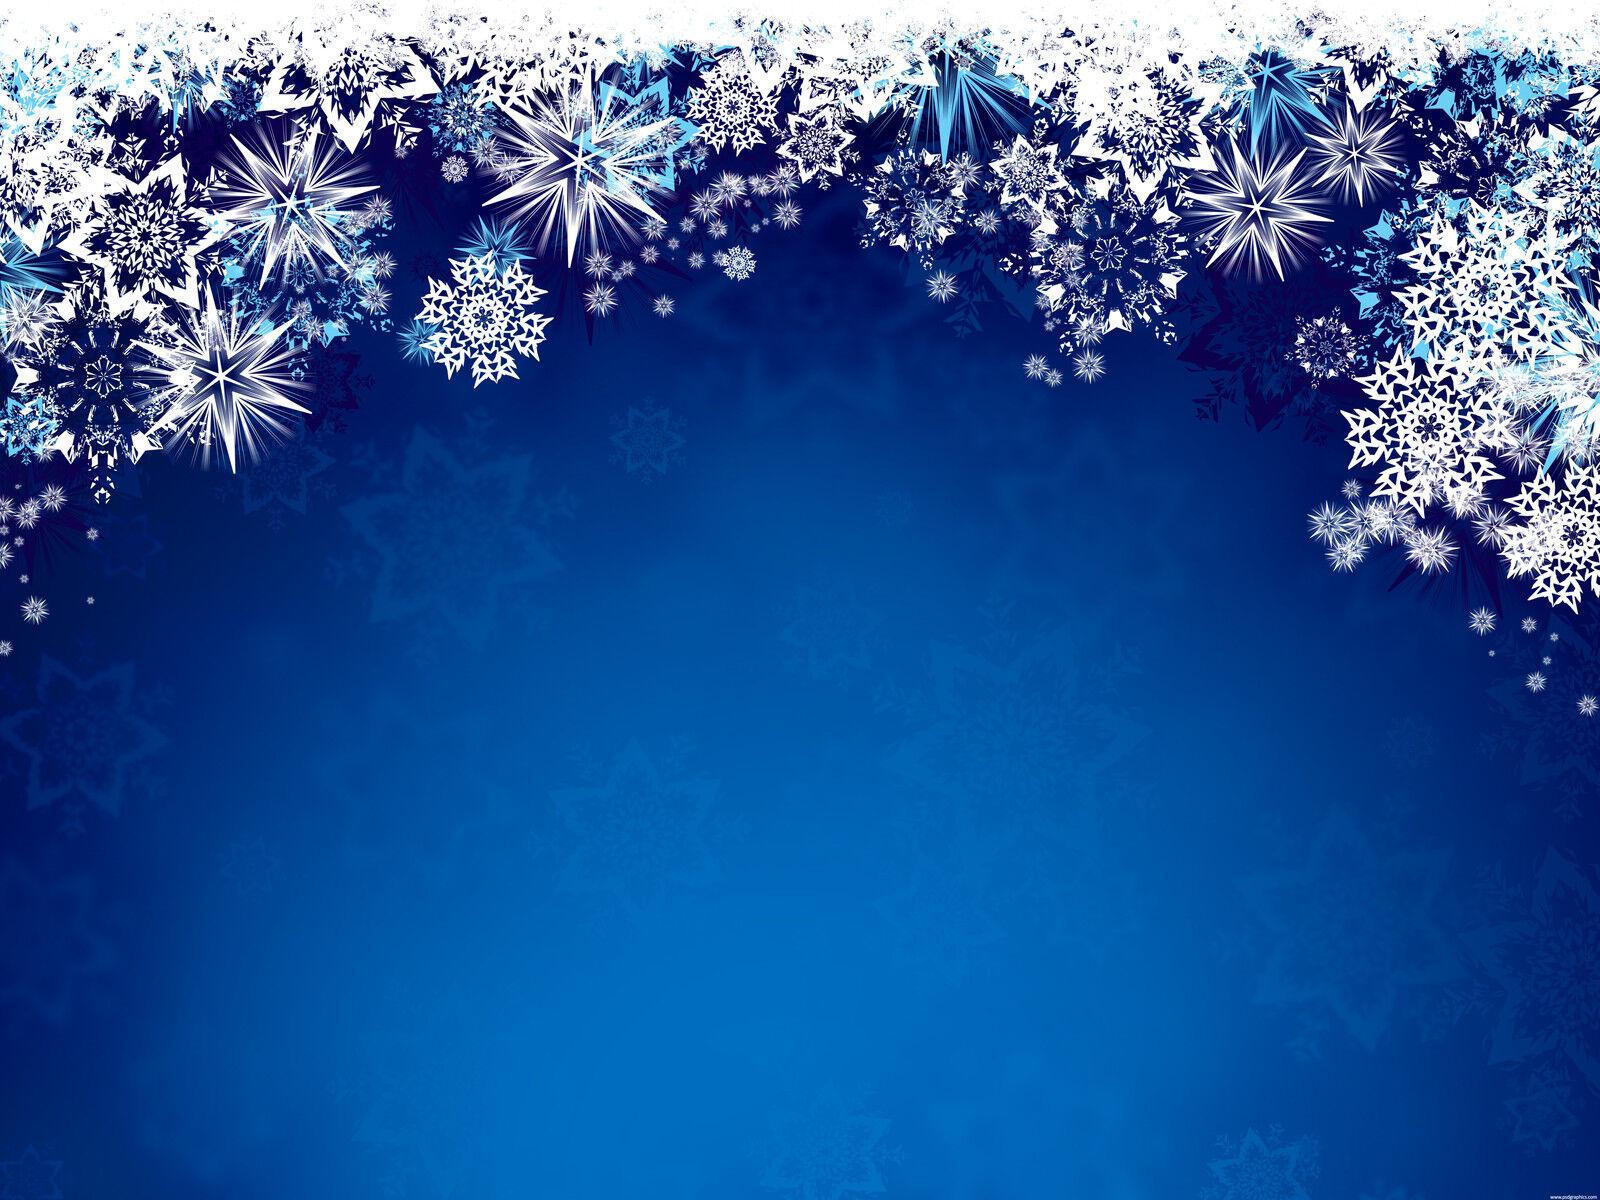 Snowflake Fashions&More